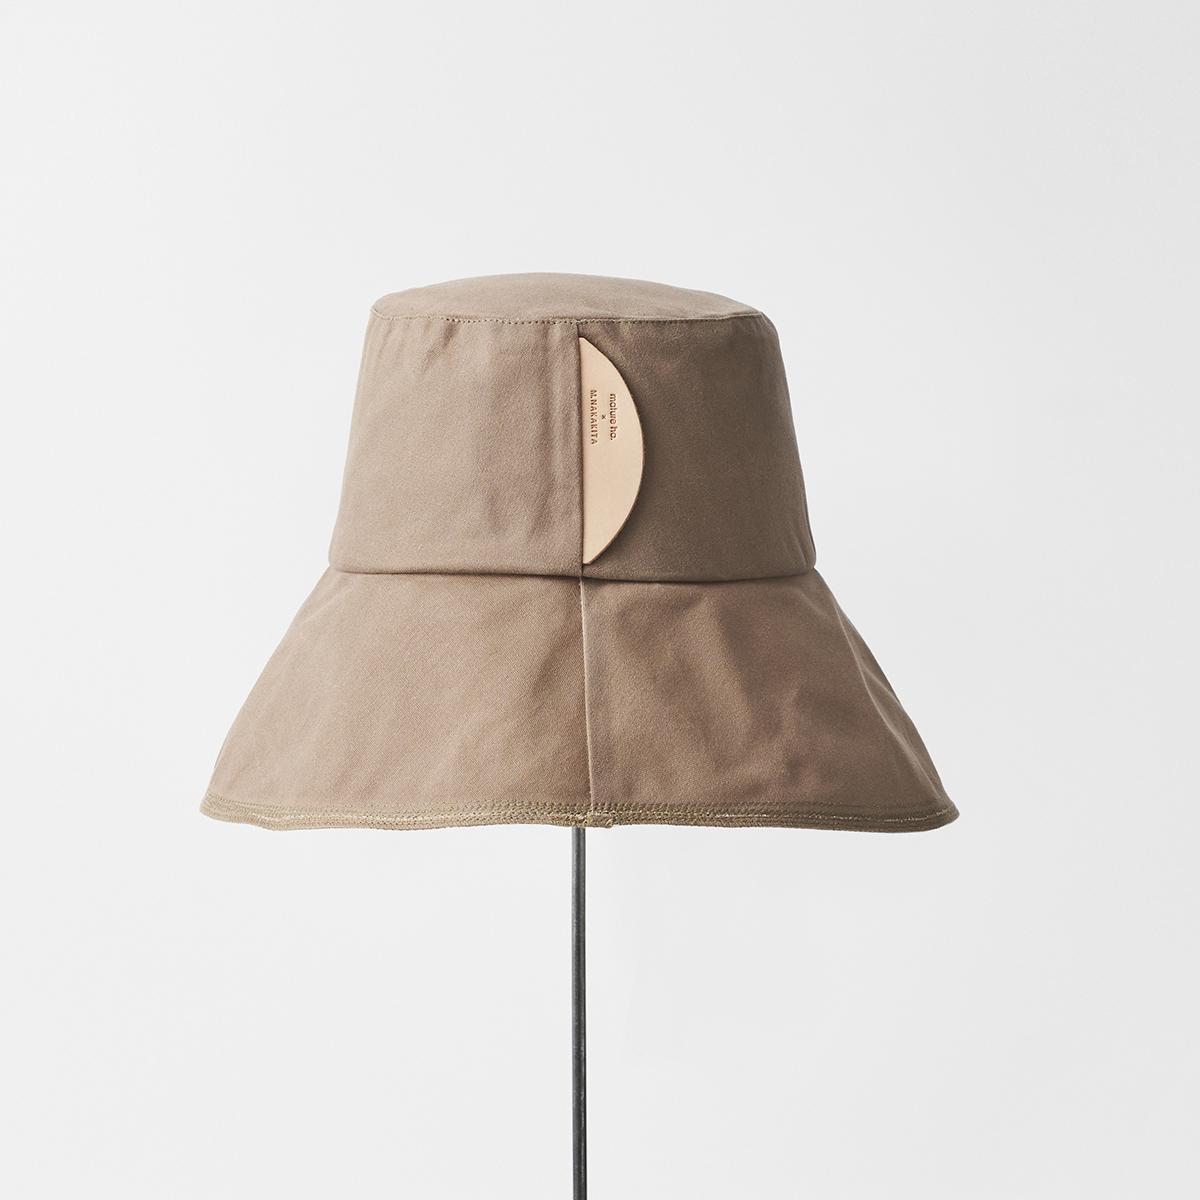 paraffin hat wide random stitch